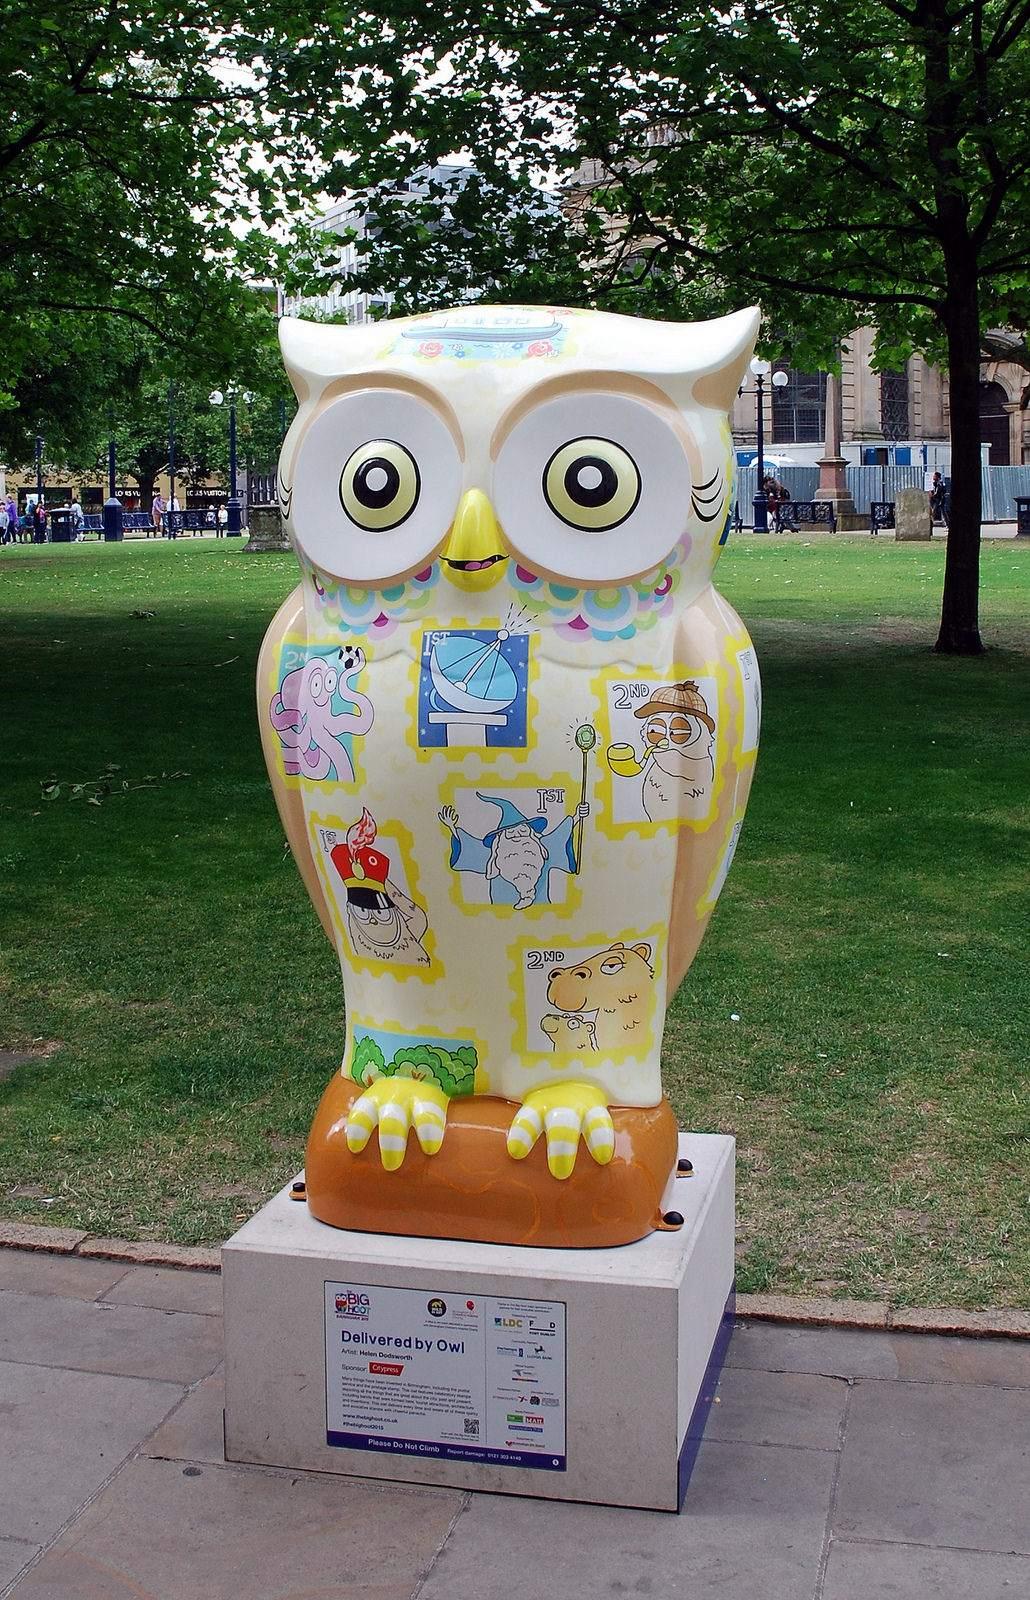 big hoot6 The 2015 Big Hoot Owls in Birmingham